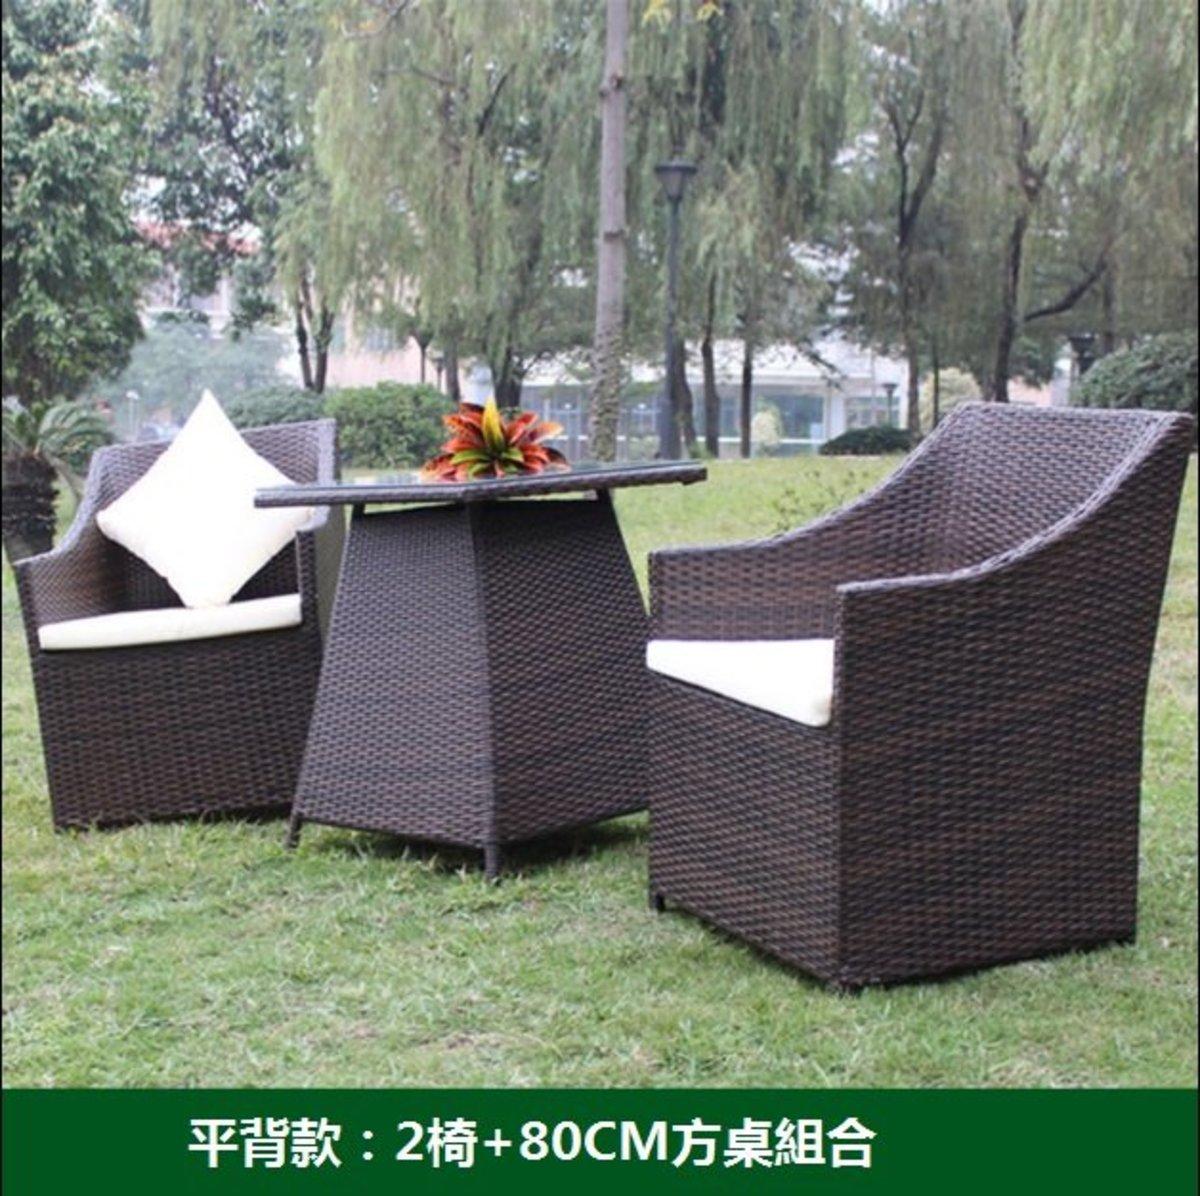 百搭休閒籐編桌椅(平背款:2椅+80CM方桌組合)